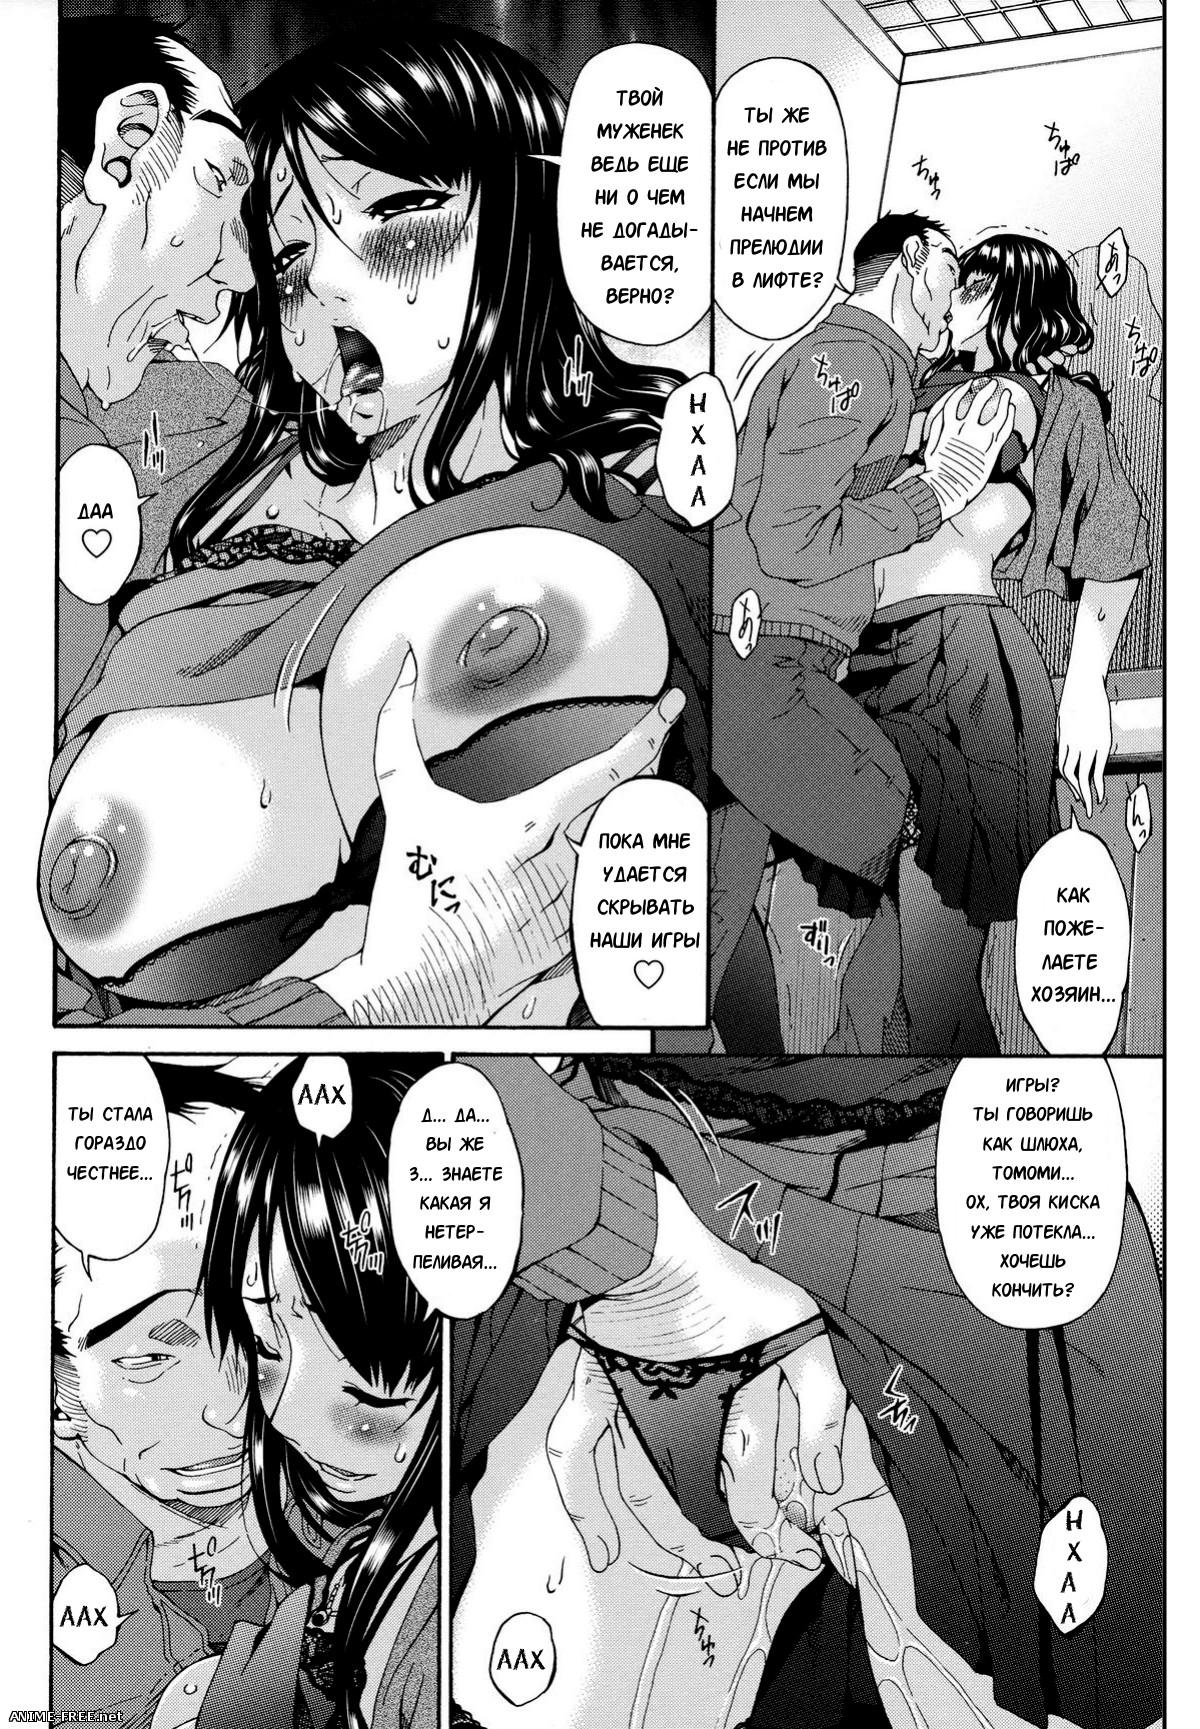 Bai Asuka (Collection) - Сборник хентай манги [Ptcen] [RUS,ENG,JAP] Manga Hentai